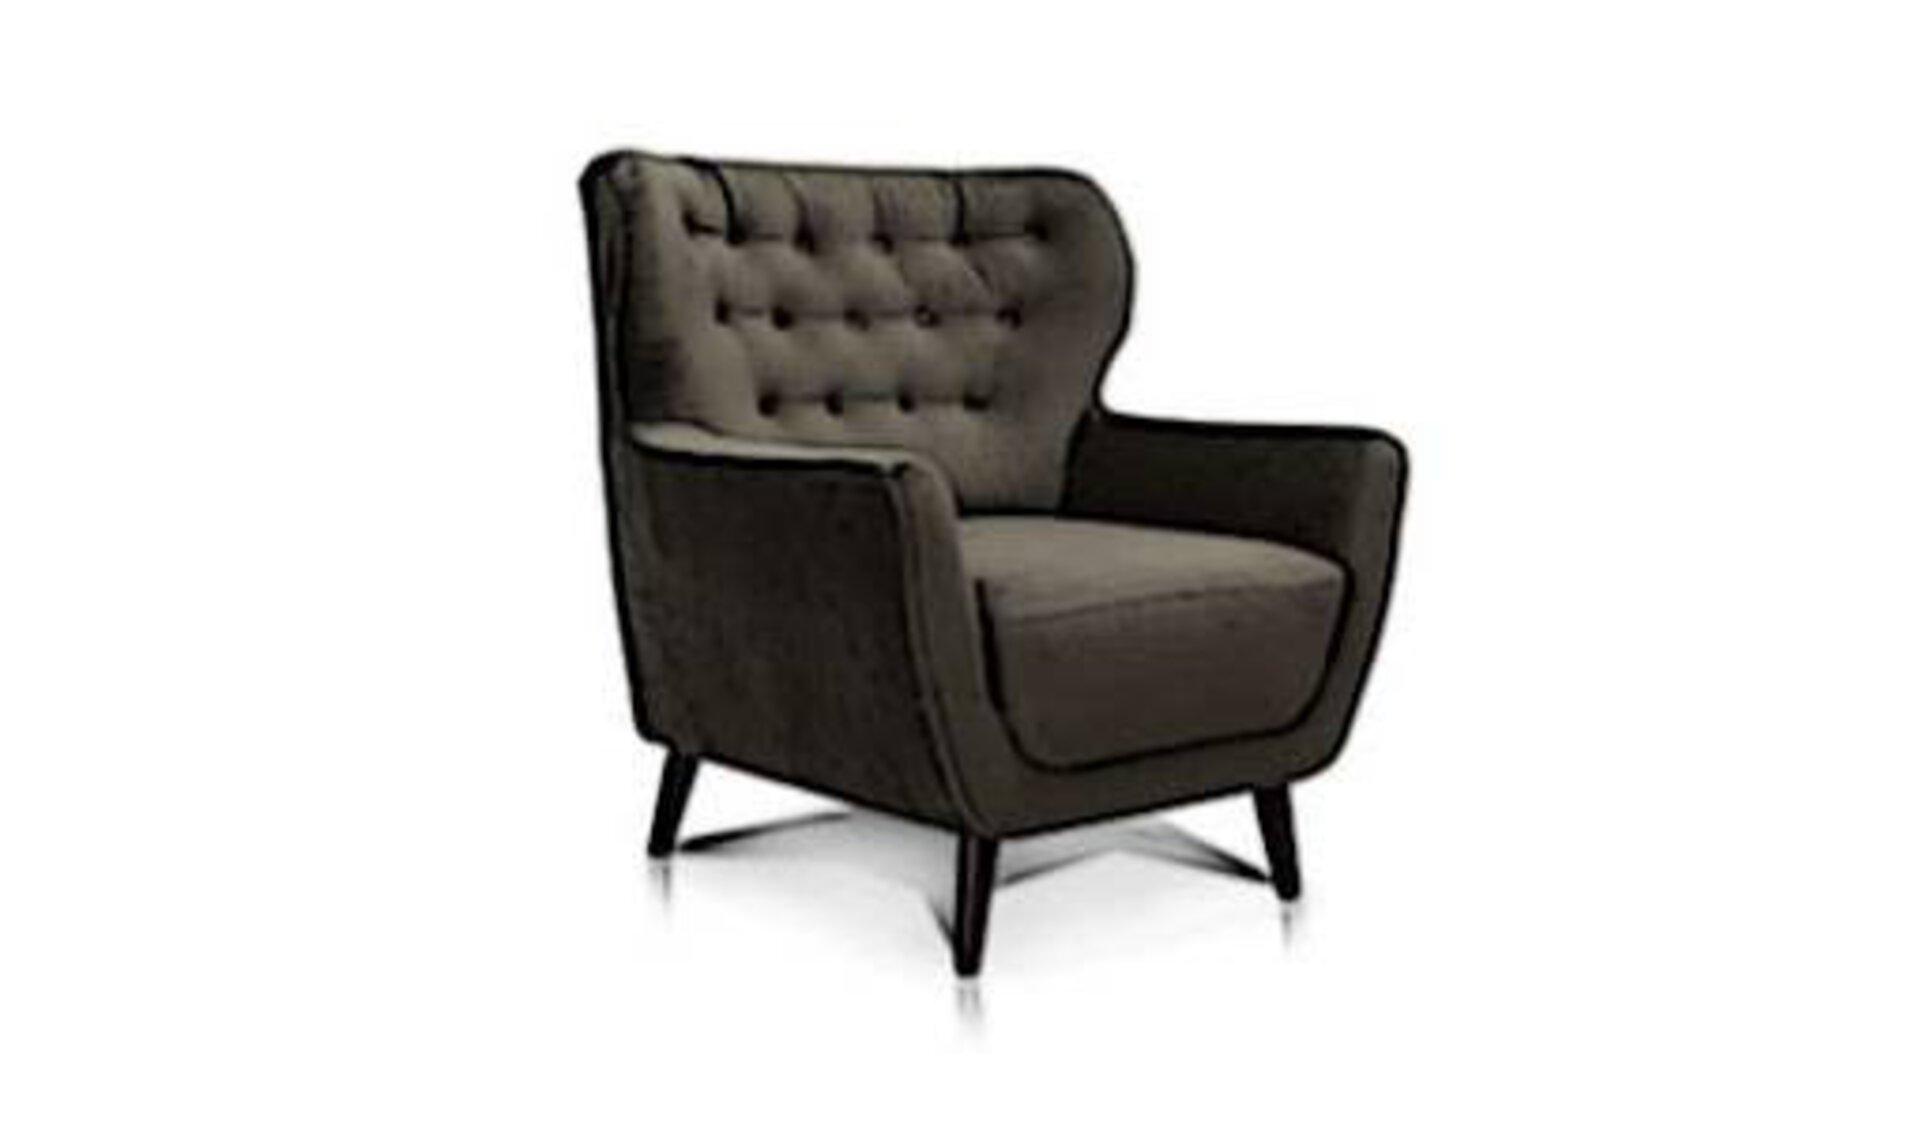 Gepolsterter Ohrensessel mit großer Sitzfläche und Stoffbezug steht sinnbildlich für alle Einzelsessel innerhalb der Produktwelt.